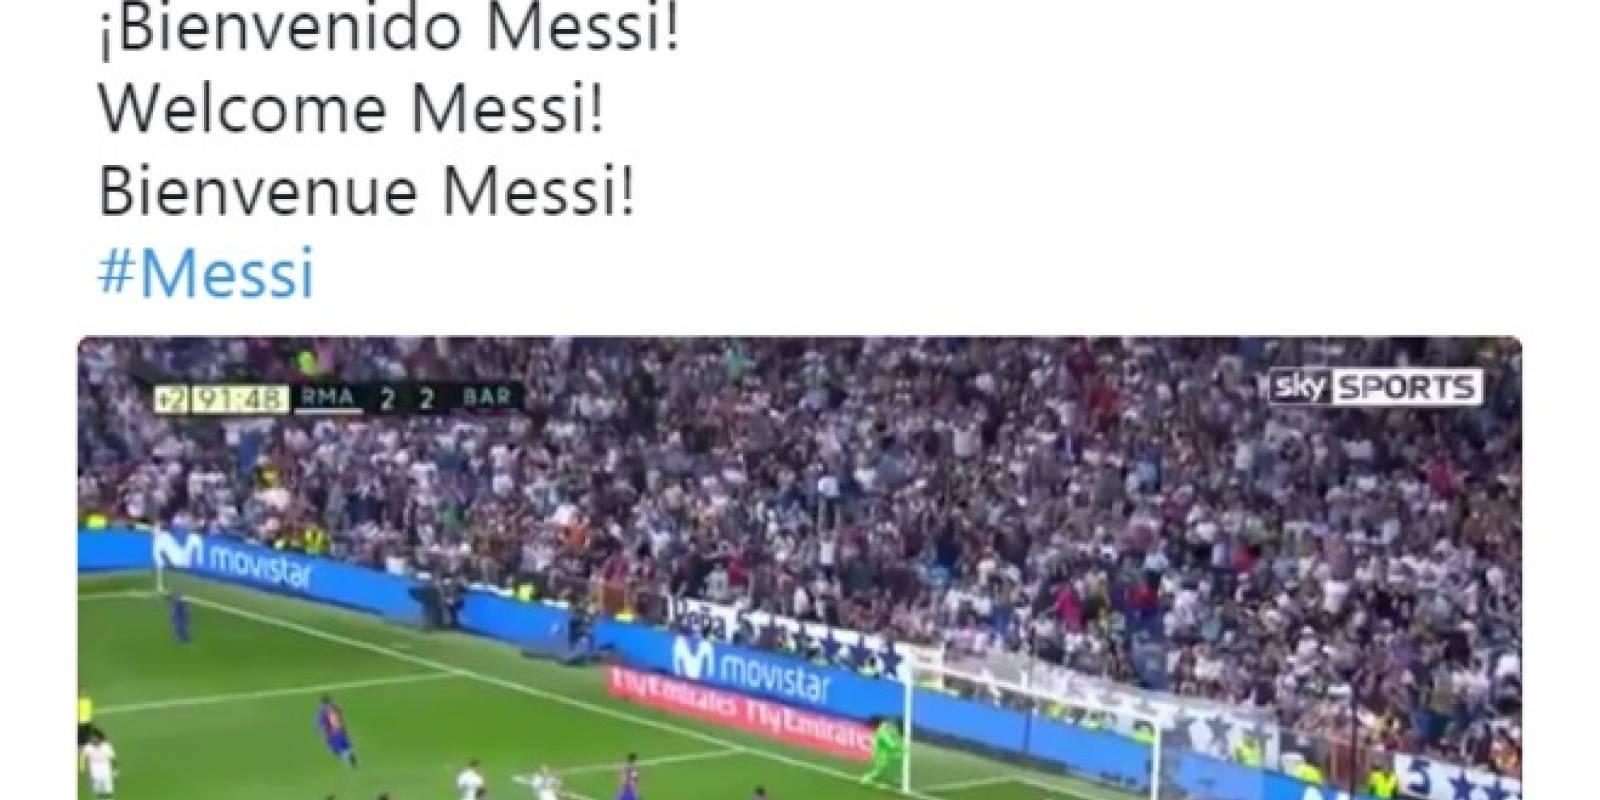 Real Madrid sufrió un ciberataque como hace unos días el Barcelona|TWITTER